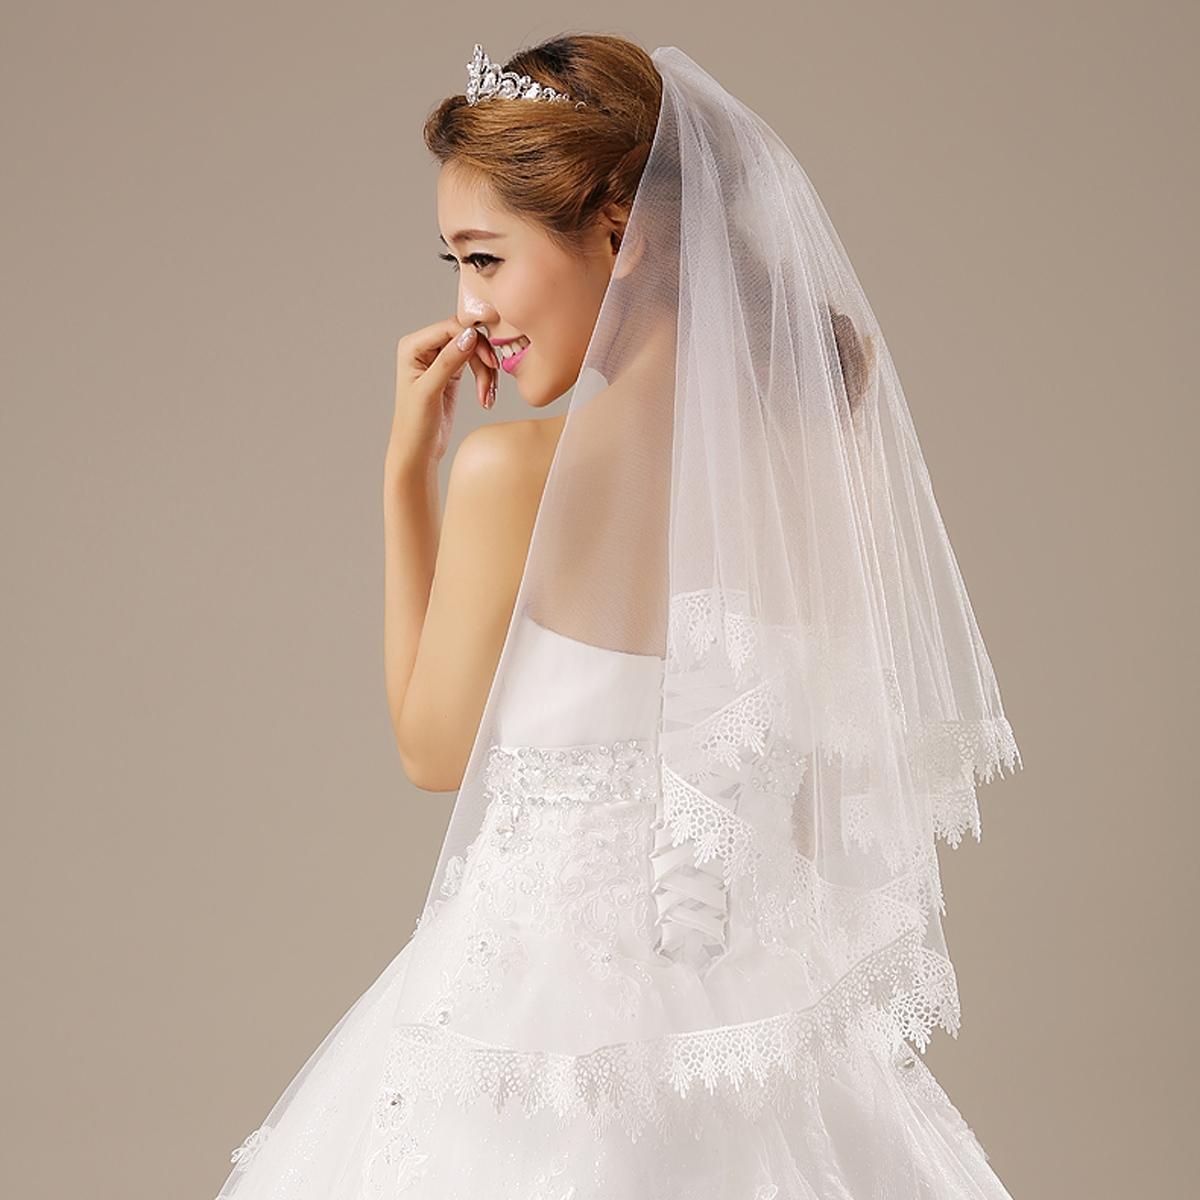 情海新娘花开如意大花边1.5米复古白色头纱新款结婚婚纱头纱配件